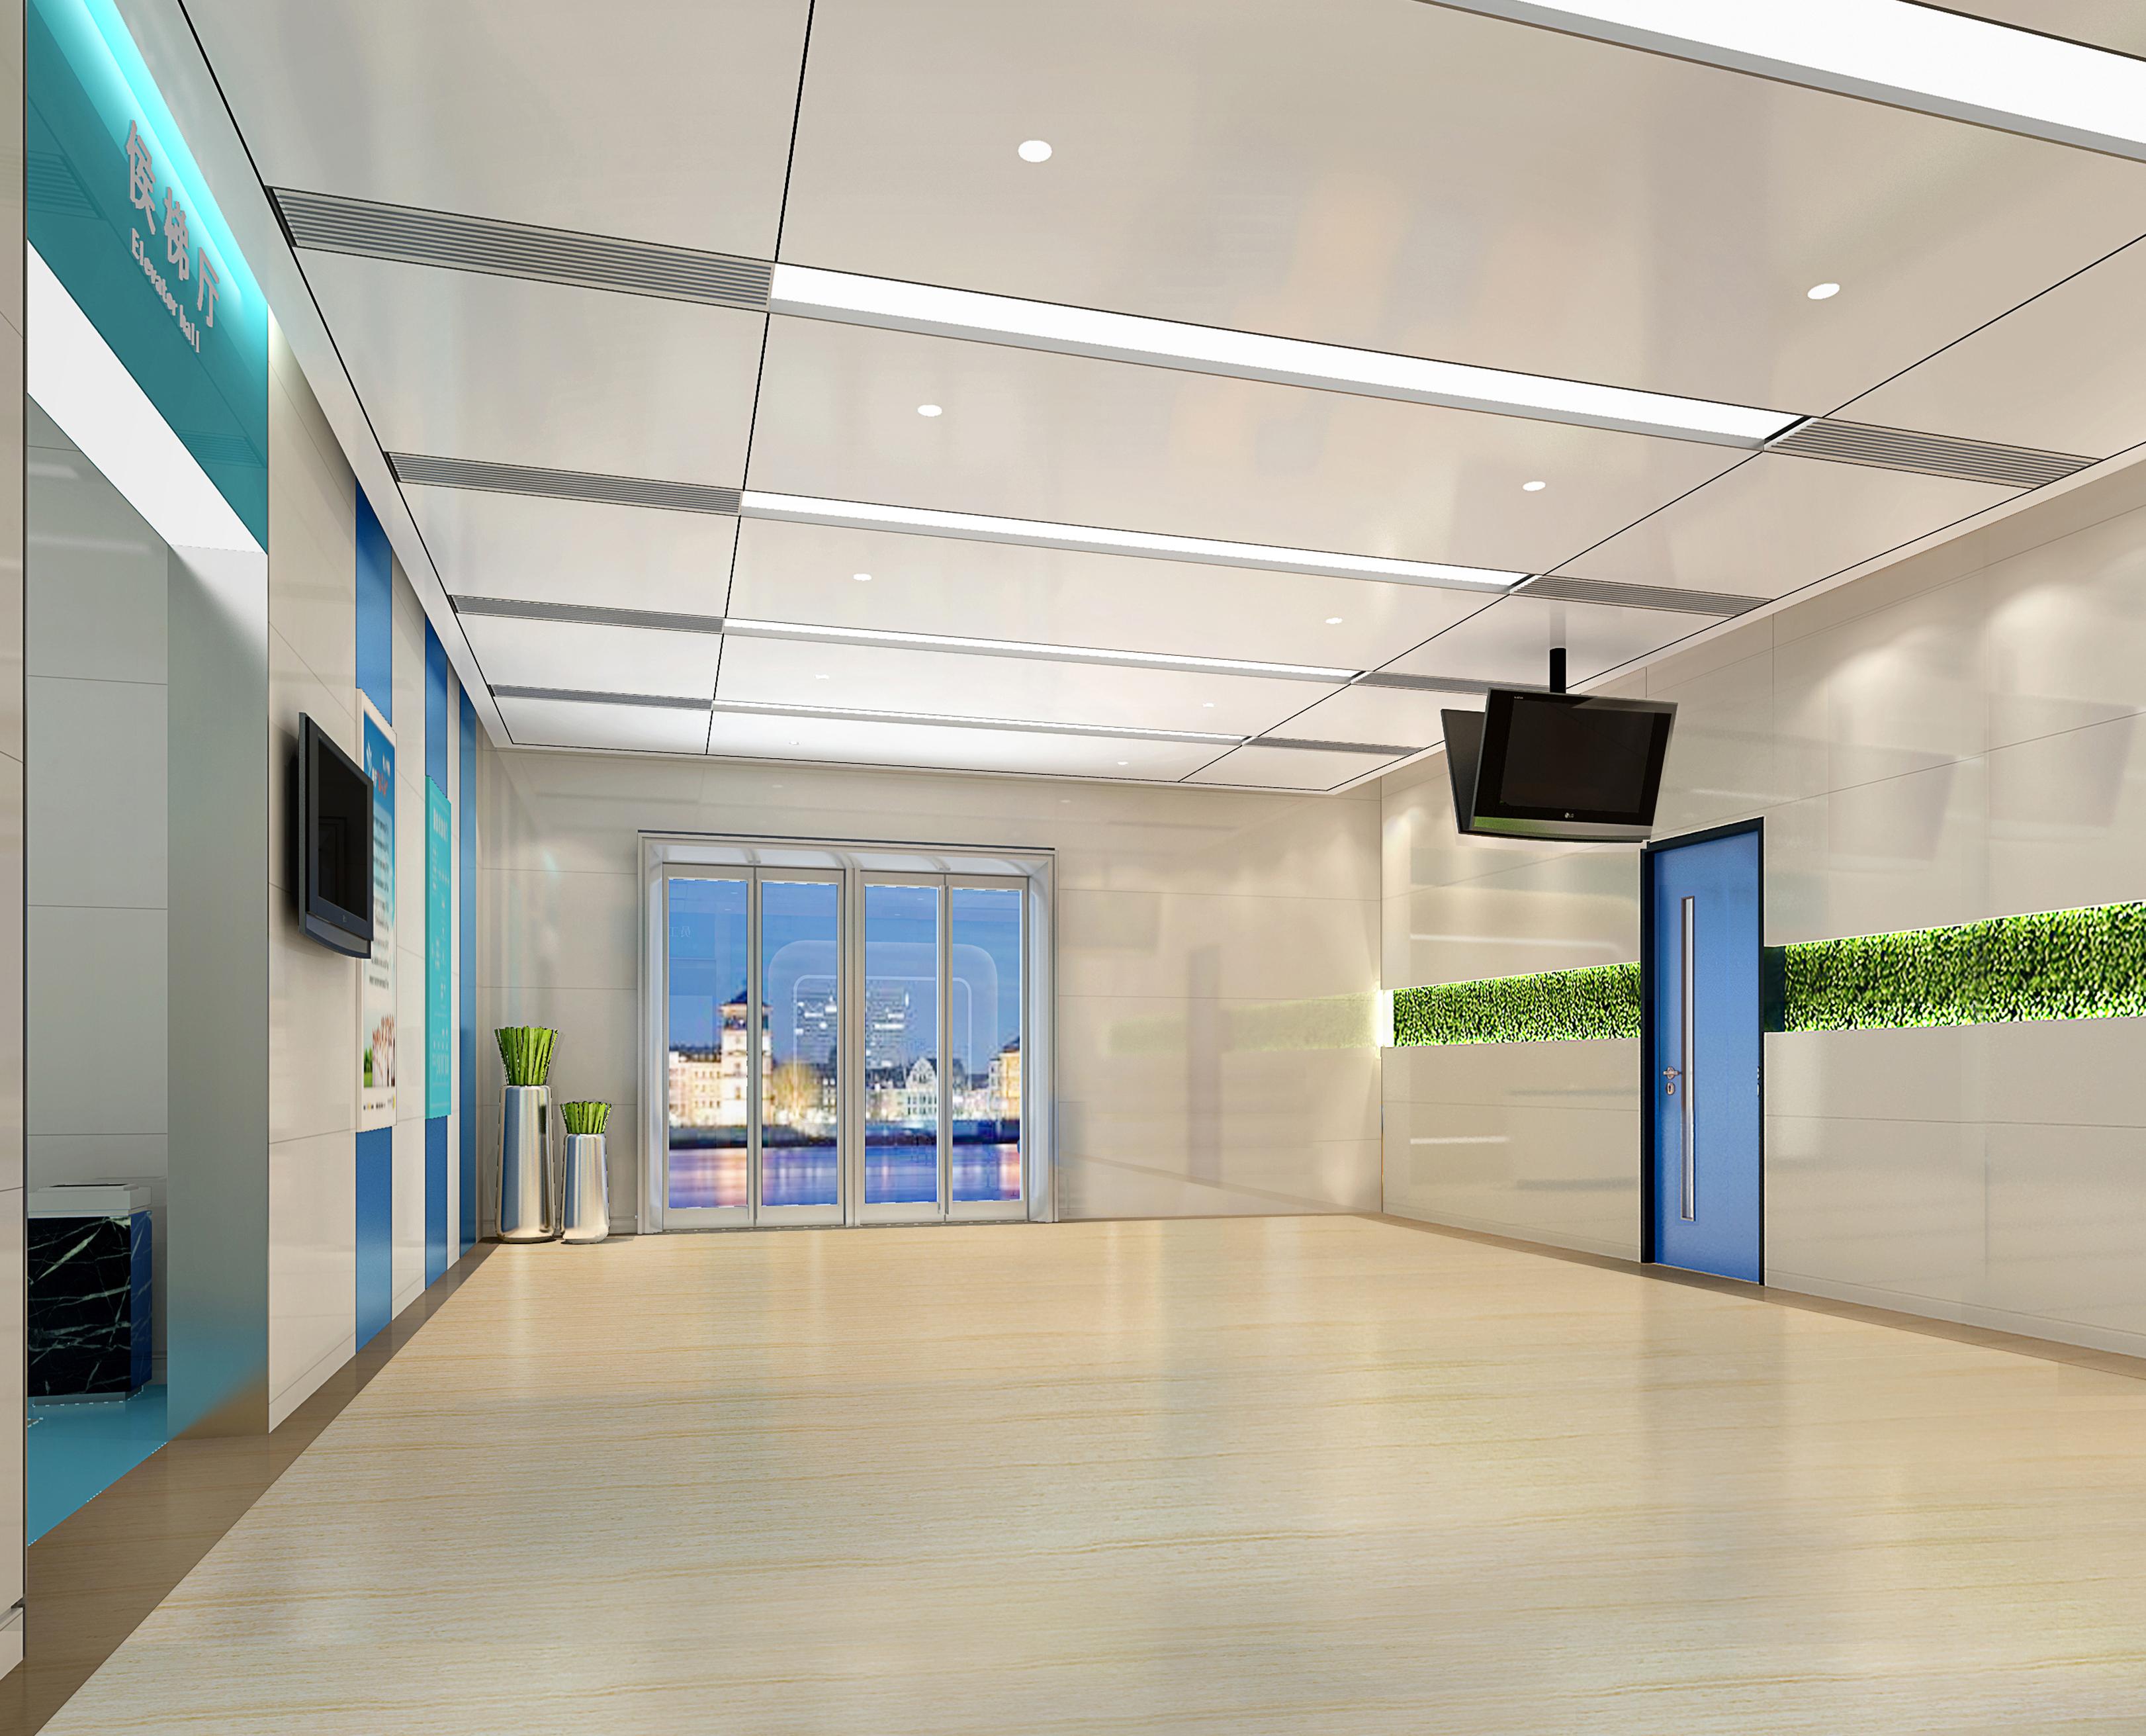 医疗空间设计效果图医院诊所社区医院体检中心整形美容设计装修